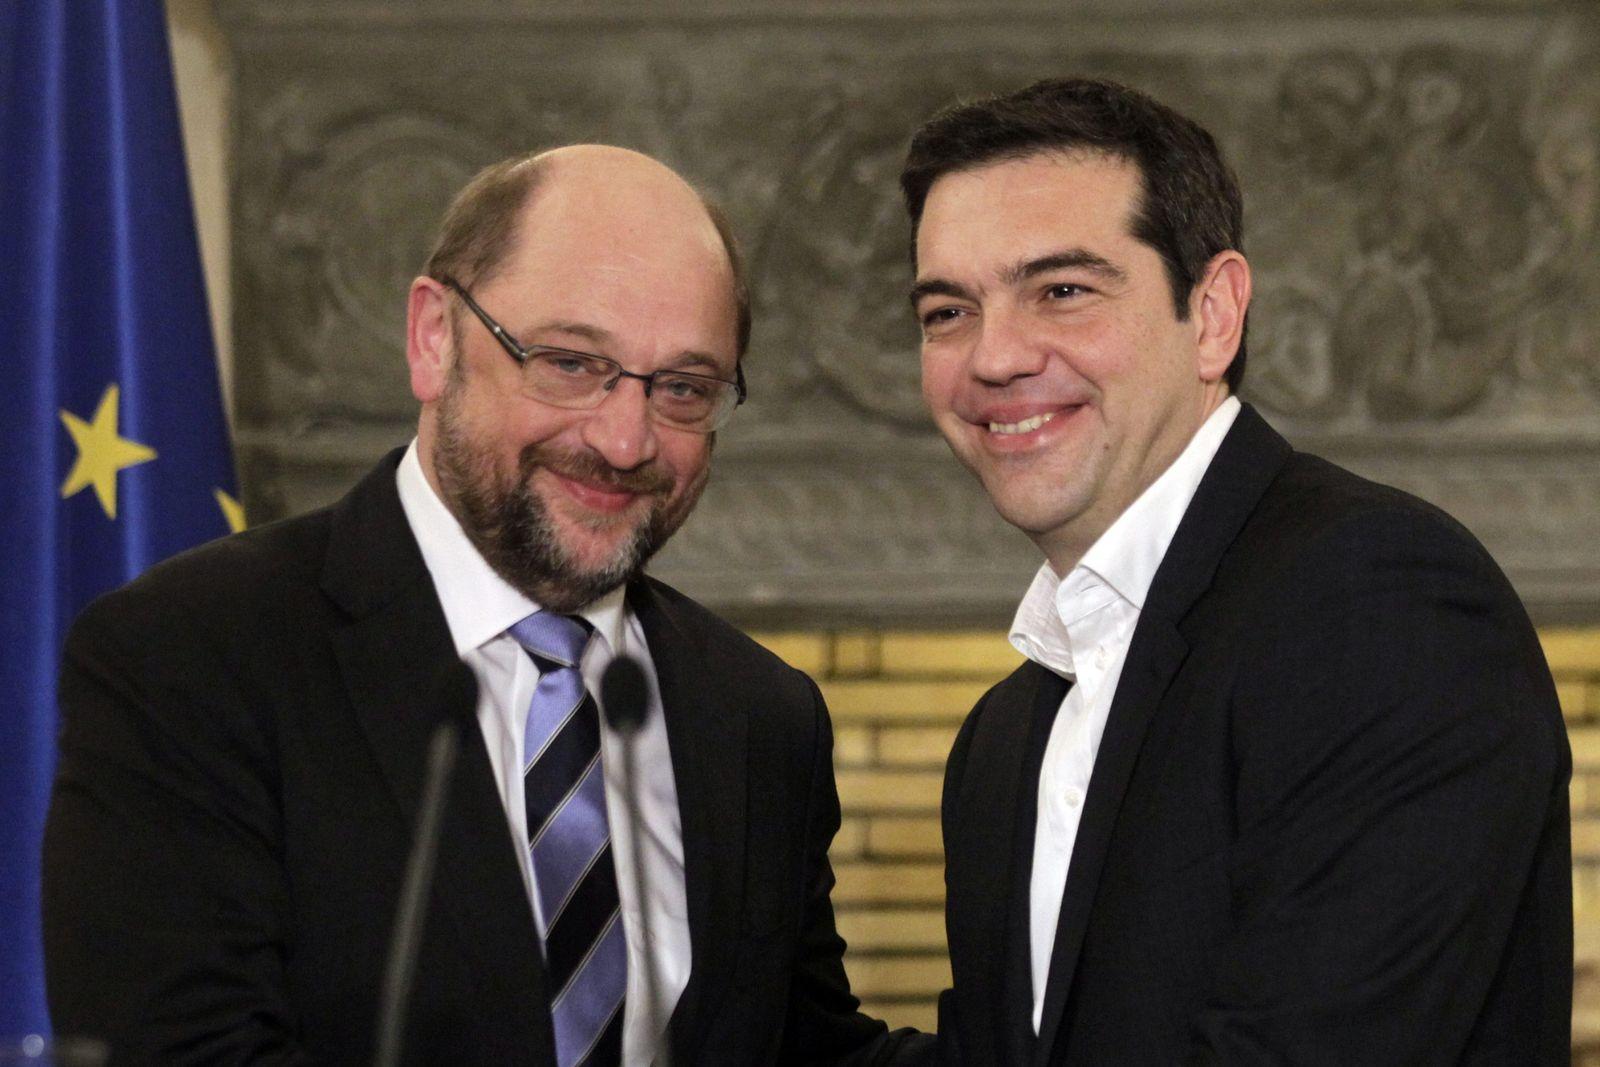 Martin Schulz/Alexis Tsipras